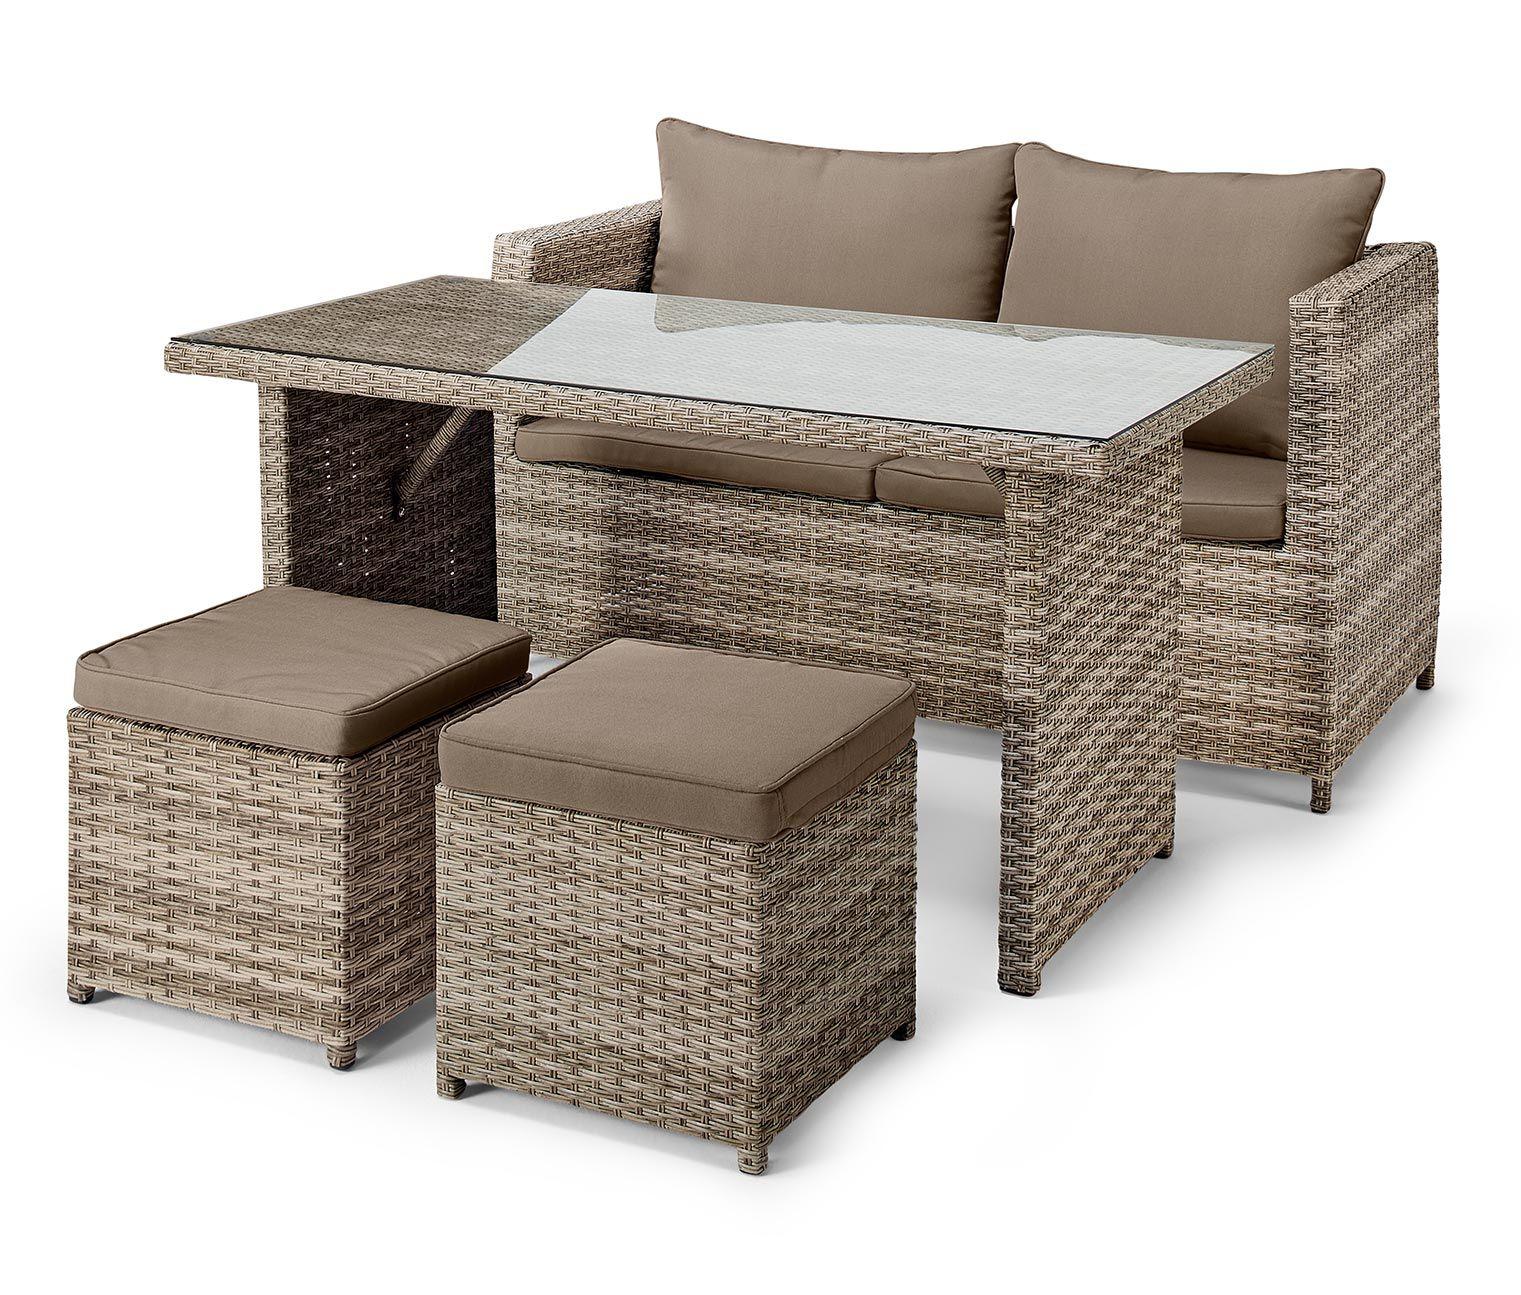 Gartenmöbel Set Online Bestellen Bei Tchibo 336734 Sowas In Der